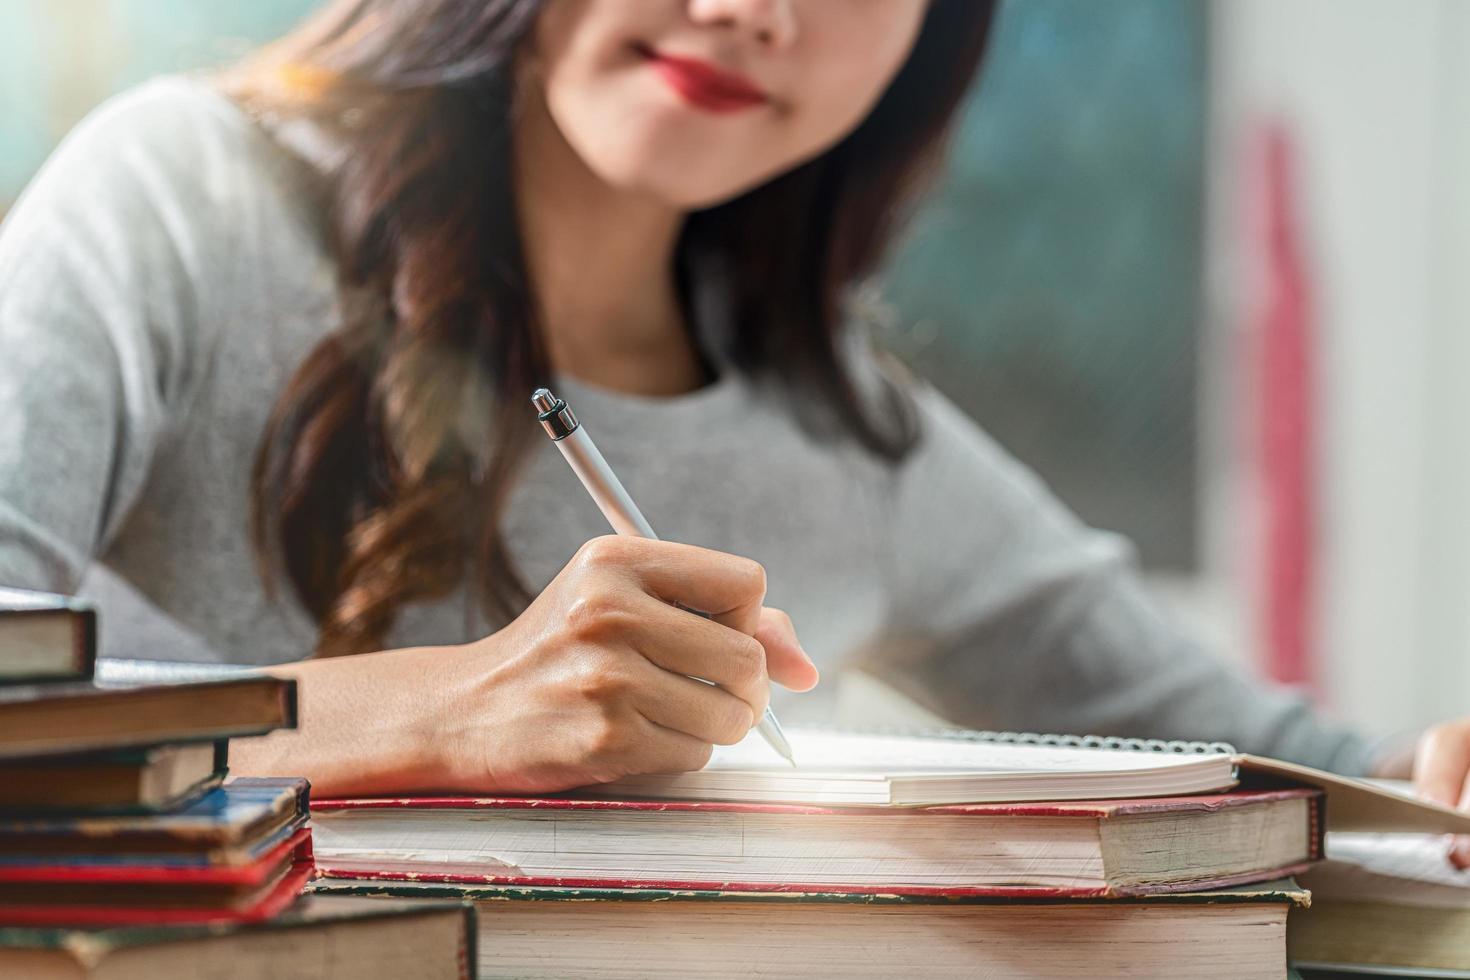 um jovem estudante asiática fazendo lição de casa em uma biblioteca foto